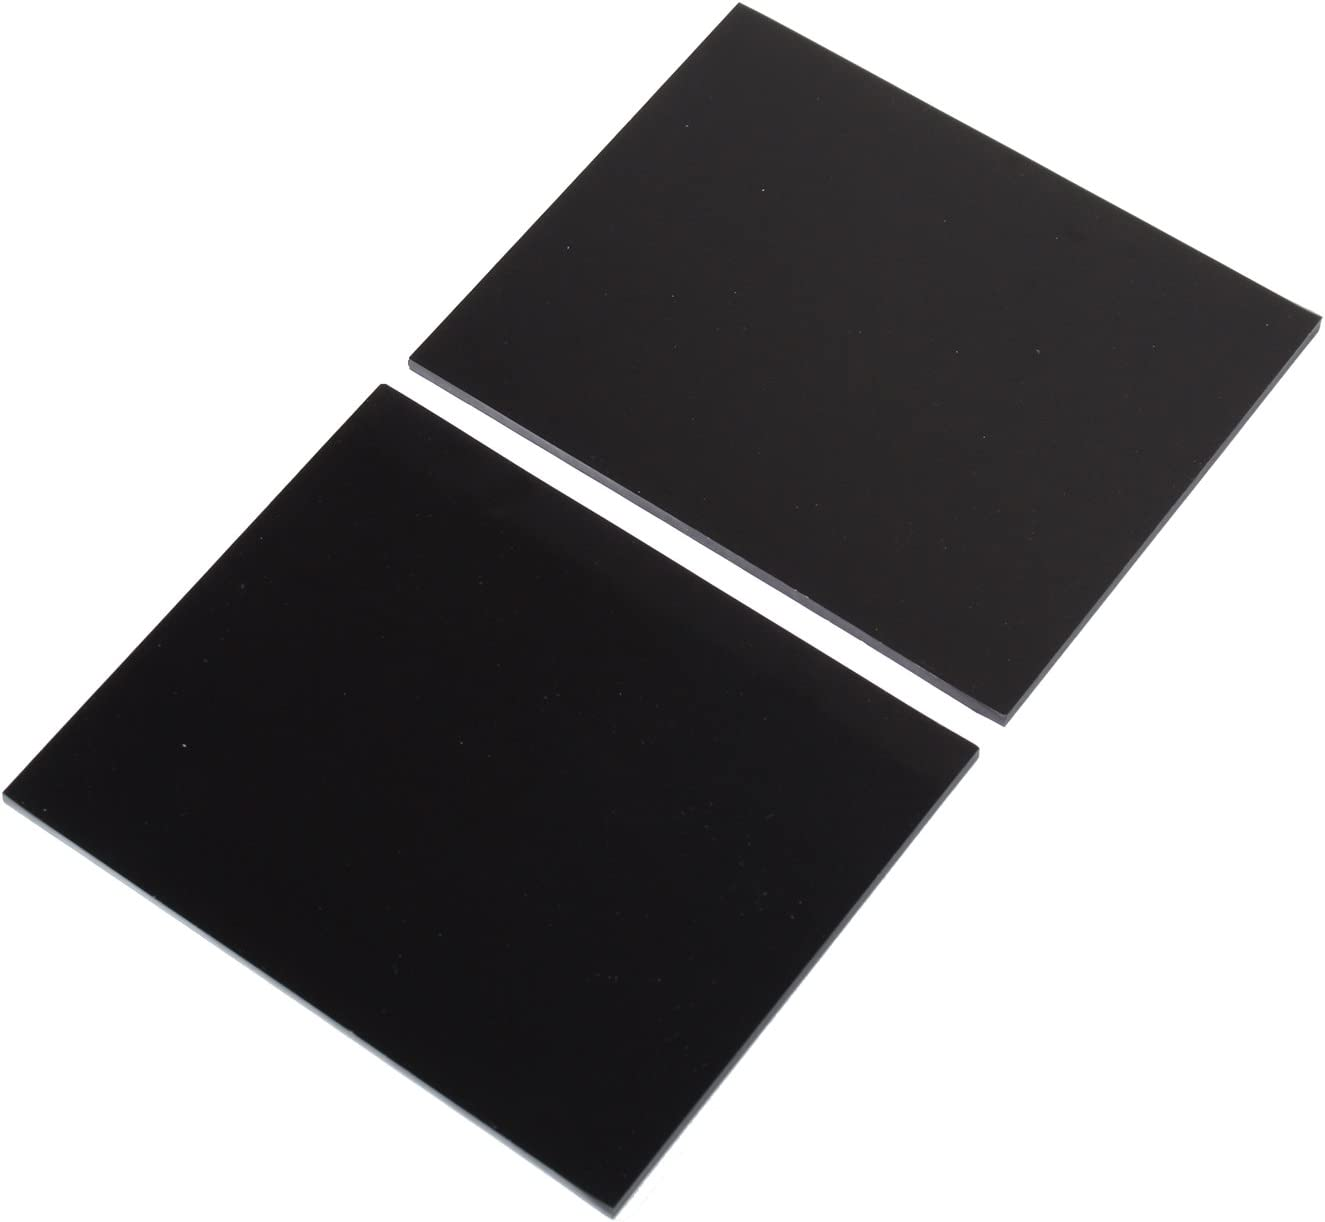 10 x Schweißgläser DIN 10 90x110 mm Schutzgläser Schweißglas